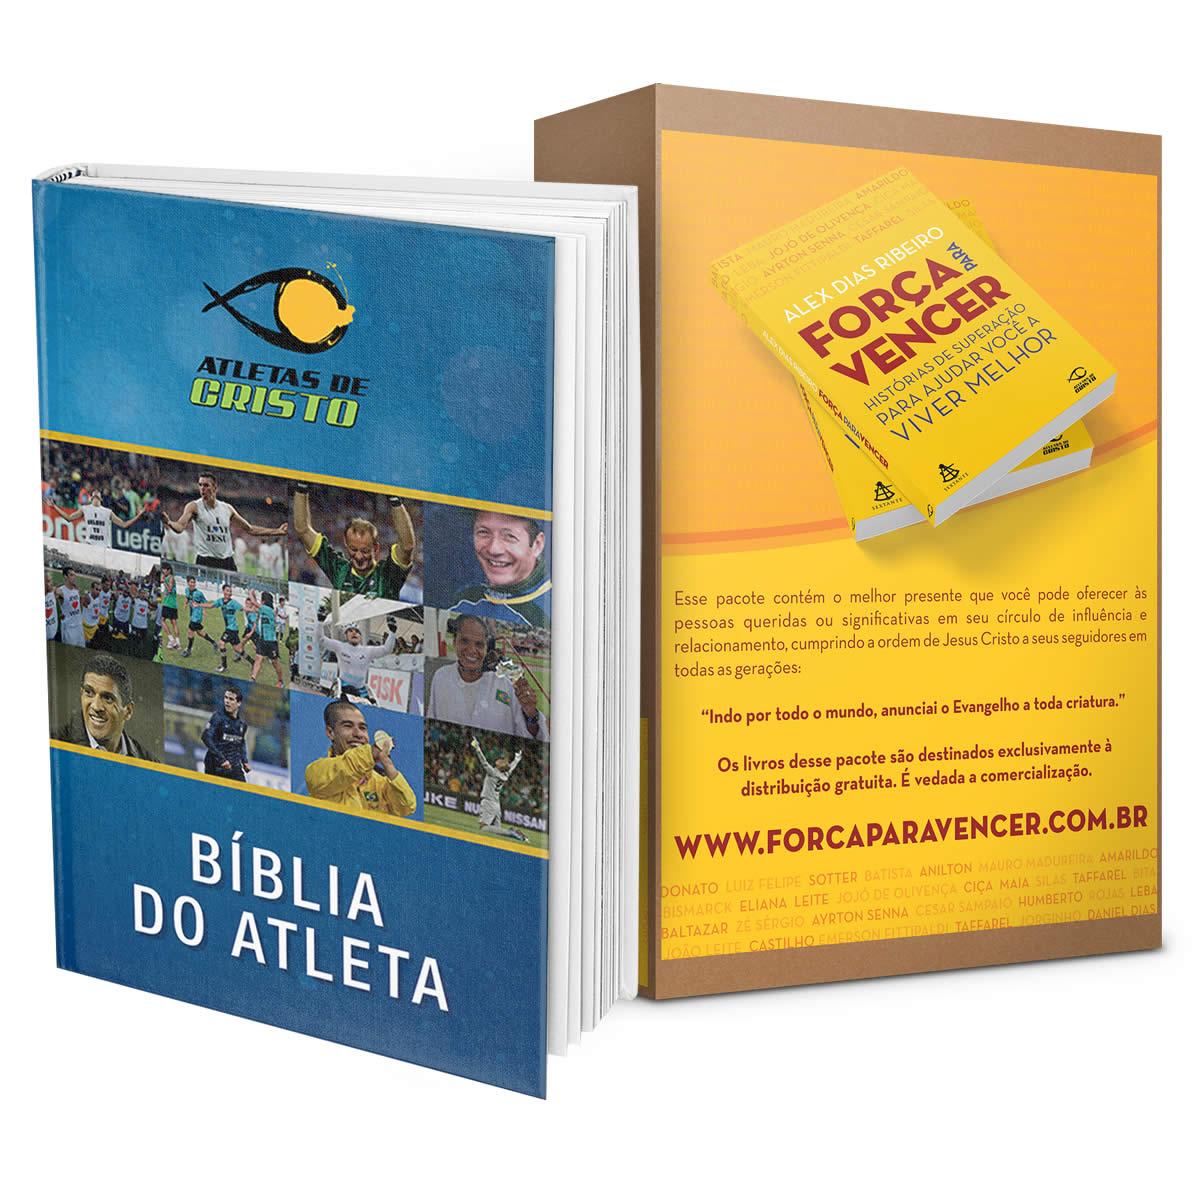 BÍBLIA ATLETAS DE CRISTO + PACOTE MISSIONAL - FRETE GRÁTIS!